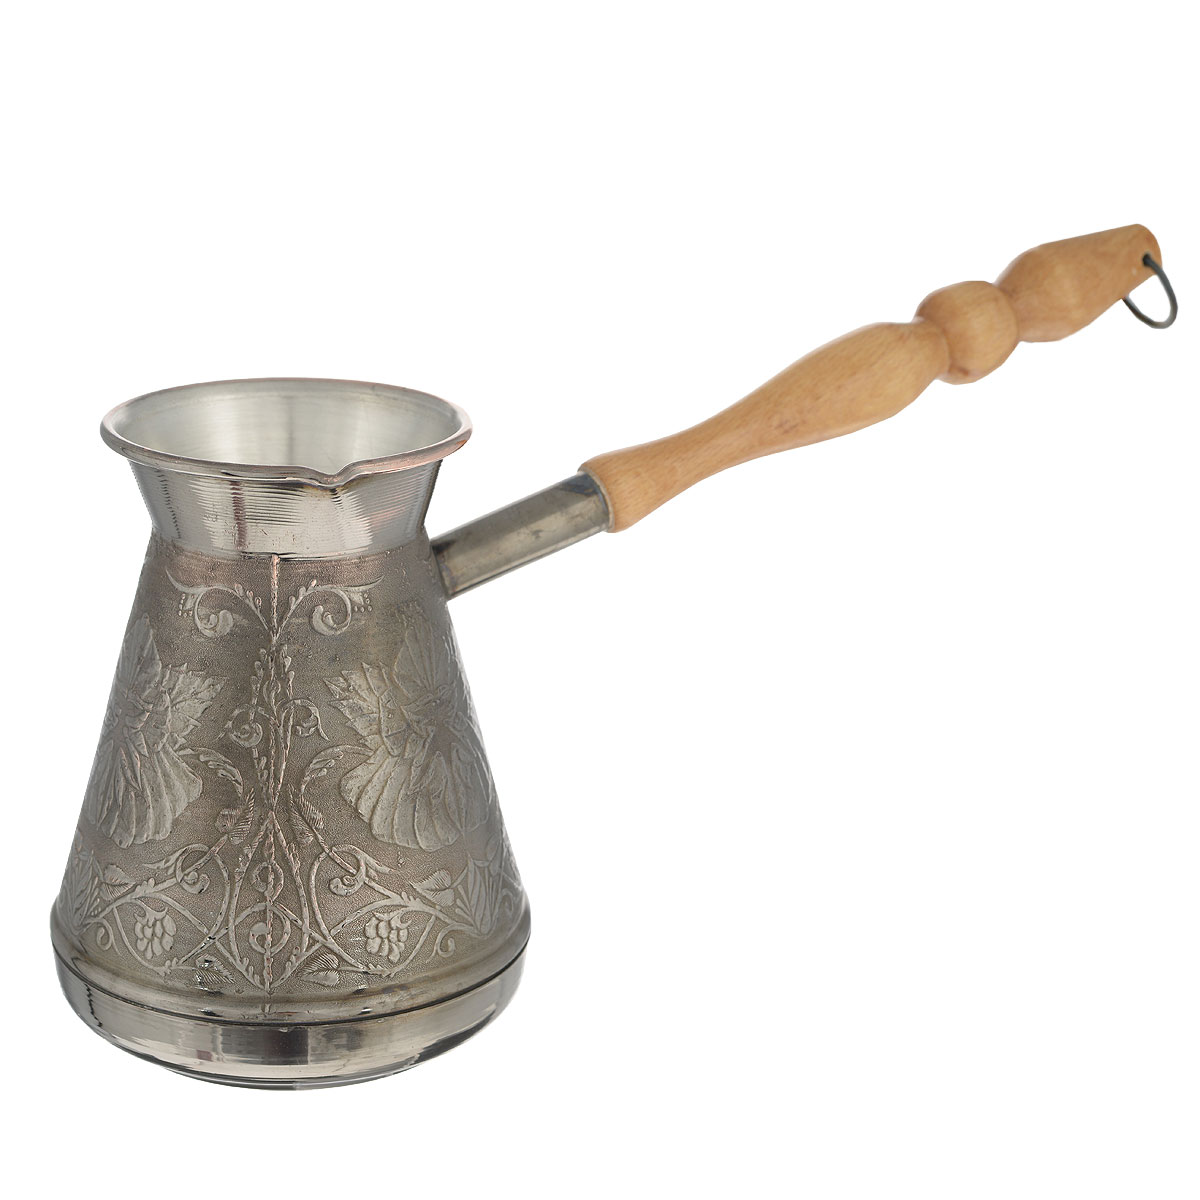 """Турка для варки кофе """"Станица"""" изготовлена из меди с добавлением латуни. Внешняя поверхность имеет декоративное тиснение, что придает изделию оригинальный внешний вид. Турка оснащена небольшим носиком и удобной не нагревающейся деревянной ручкой с петелькой для подвешивания. Надежное крепление ручки гарантирует безопасное использование. Такая турка будет красивым дополнением в вашем уютном доме. Подходит для всех типов плит, кроме индукционных. Можно мыть в посудомоечной машине.Объем: 600 мл. Диаметр (по верхнему краю): 7,5 см. Диаметр основания: 8 см.Наибольший диаметр: 10,5 см.Высота турки: 13,5 см. Длина ручки: 20 см.УВАЖАЕМЫЕ КЛИЕНТЫ! Обращаем ваше внимание на возможные изменения в дизайне рисунка. Поставка осуществляется в зависимости от наличия на складе."""